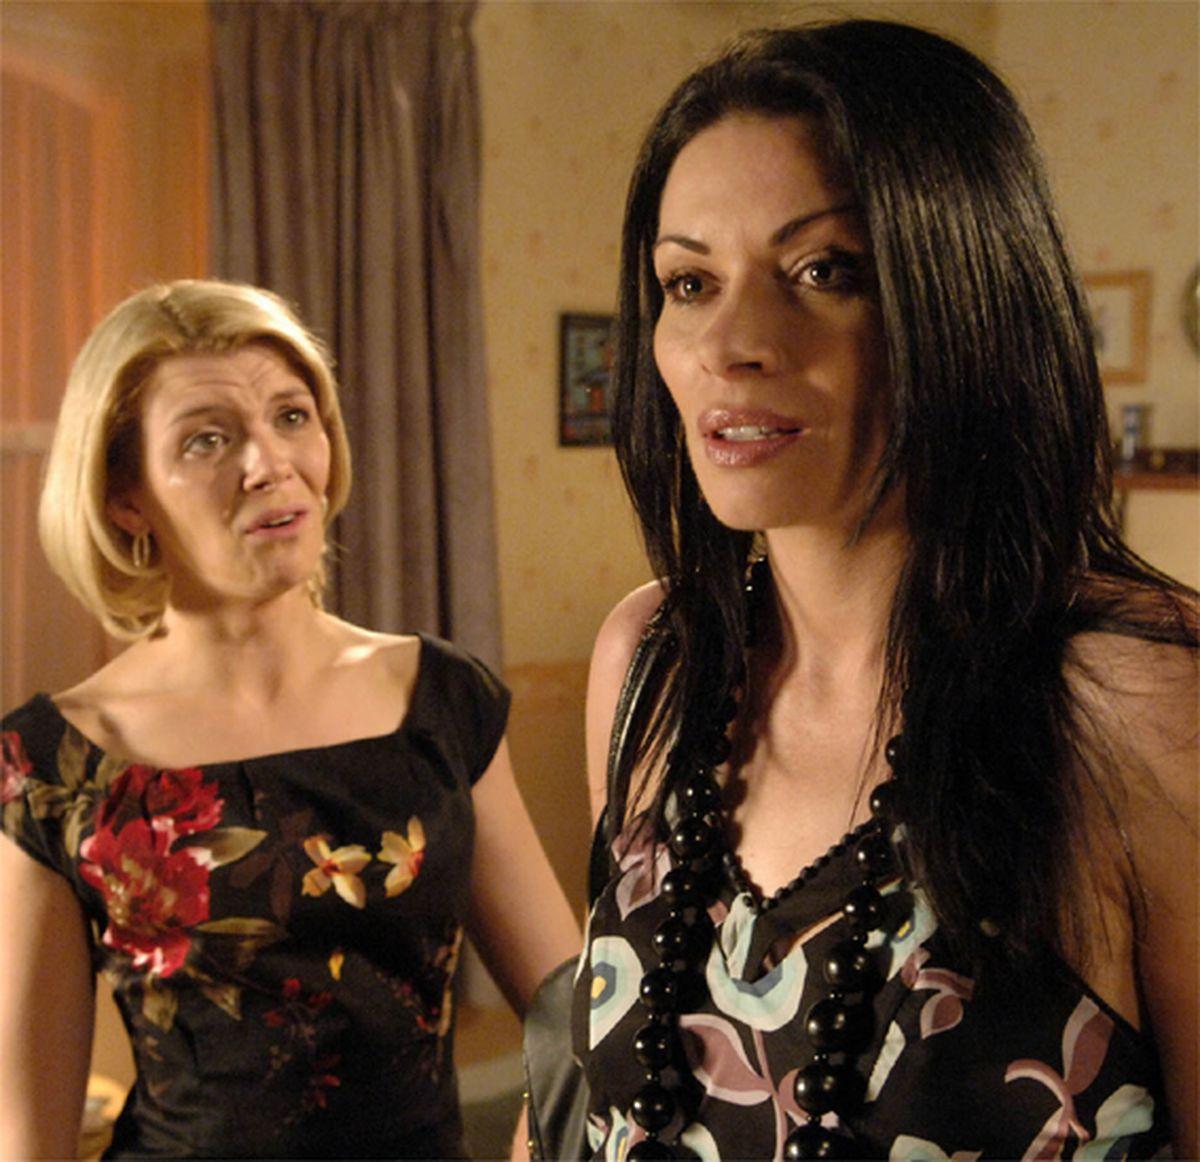 Alison King as Carla Connor and Jane Danson as Leanne Battersby in Coronation Street